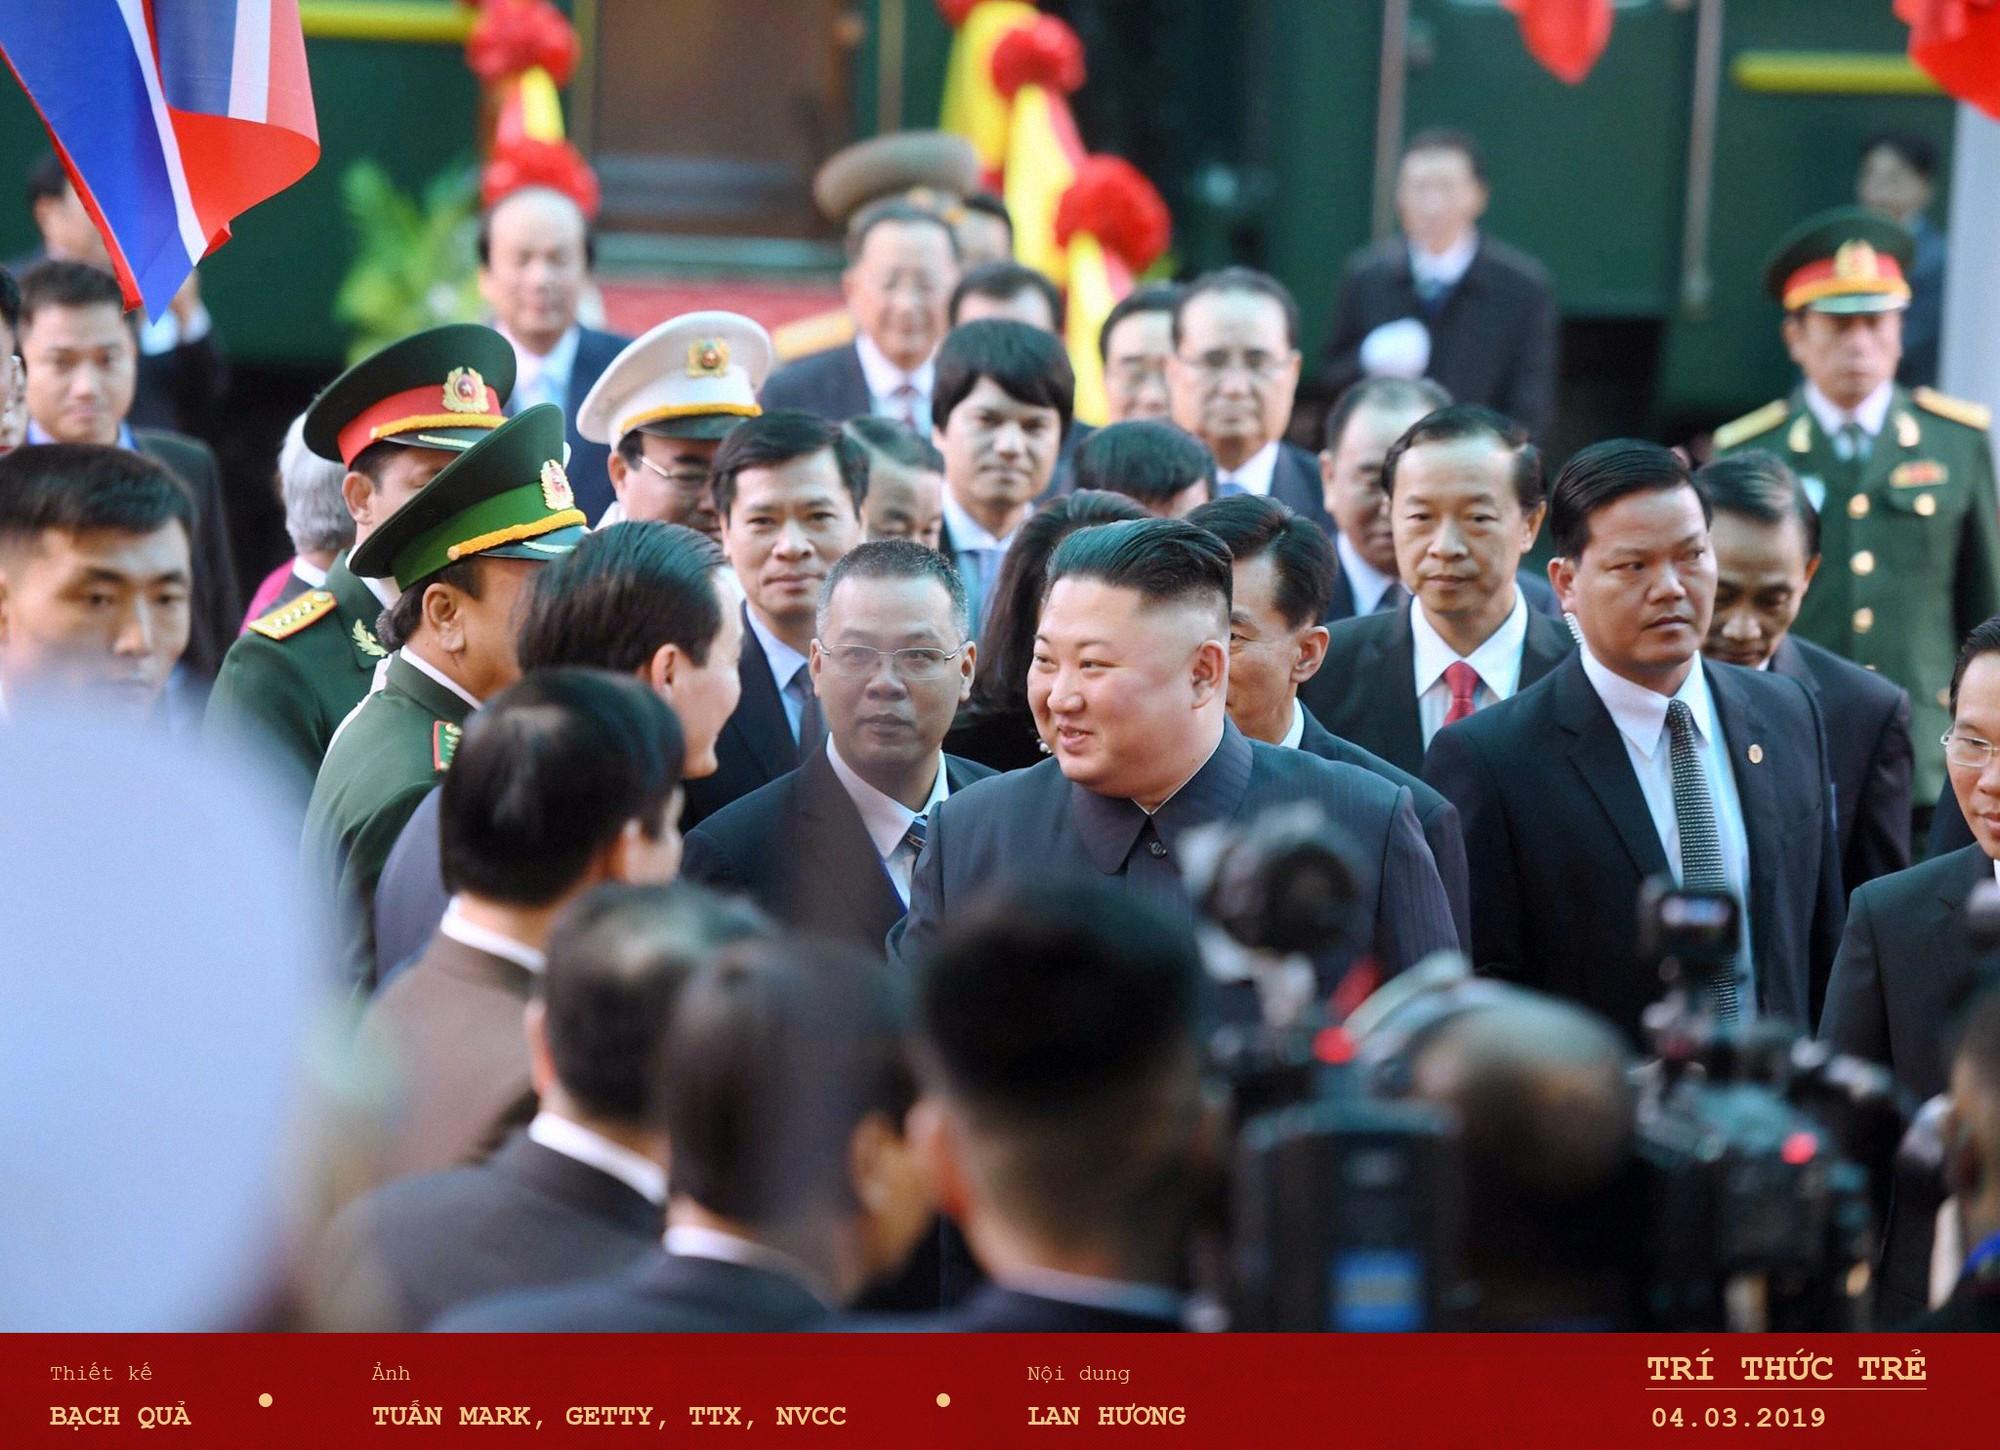 Chuyến thăm cấp cao nối lại mối lương duyên Việt-Triều sau 3 thập kỷ qua lời kể cựu Đại sứ Việt Nam ở Triều Tiên - Ảnh 22.